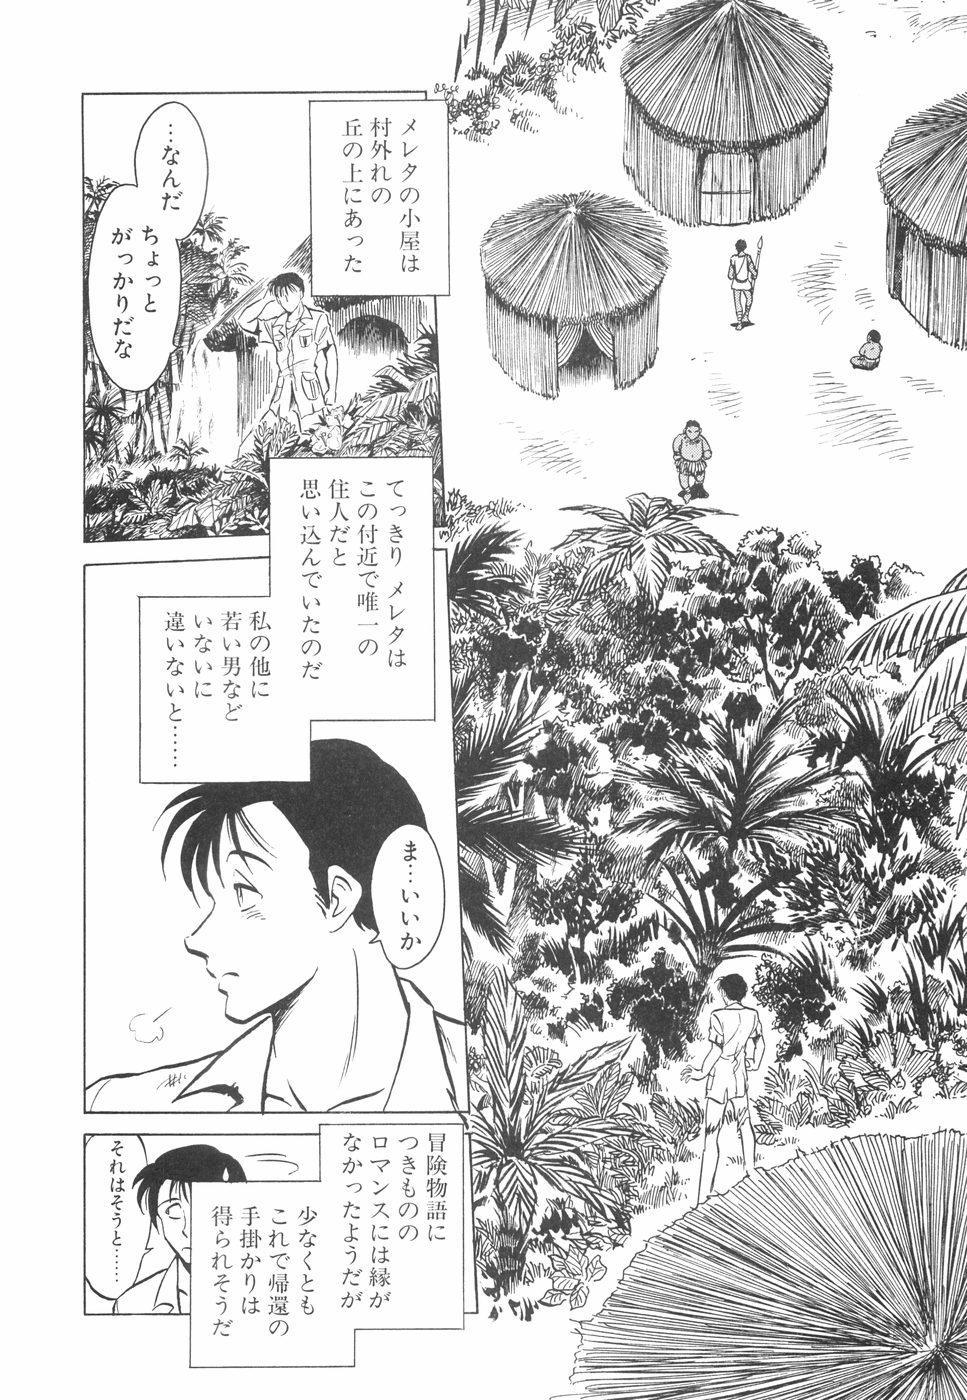 Hazukashime no Jikan 144